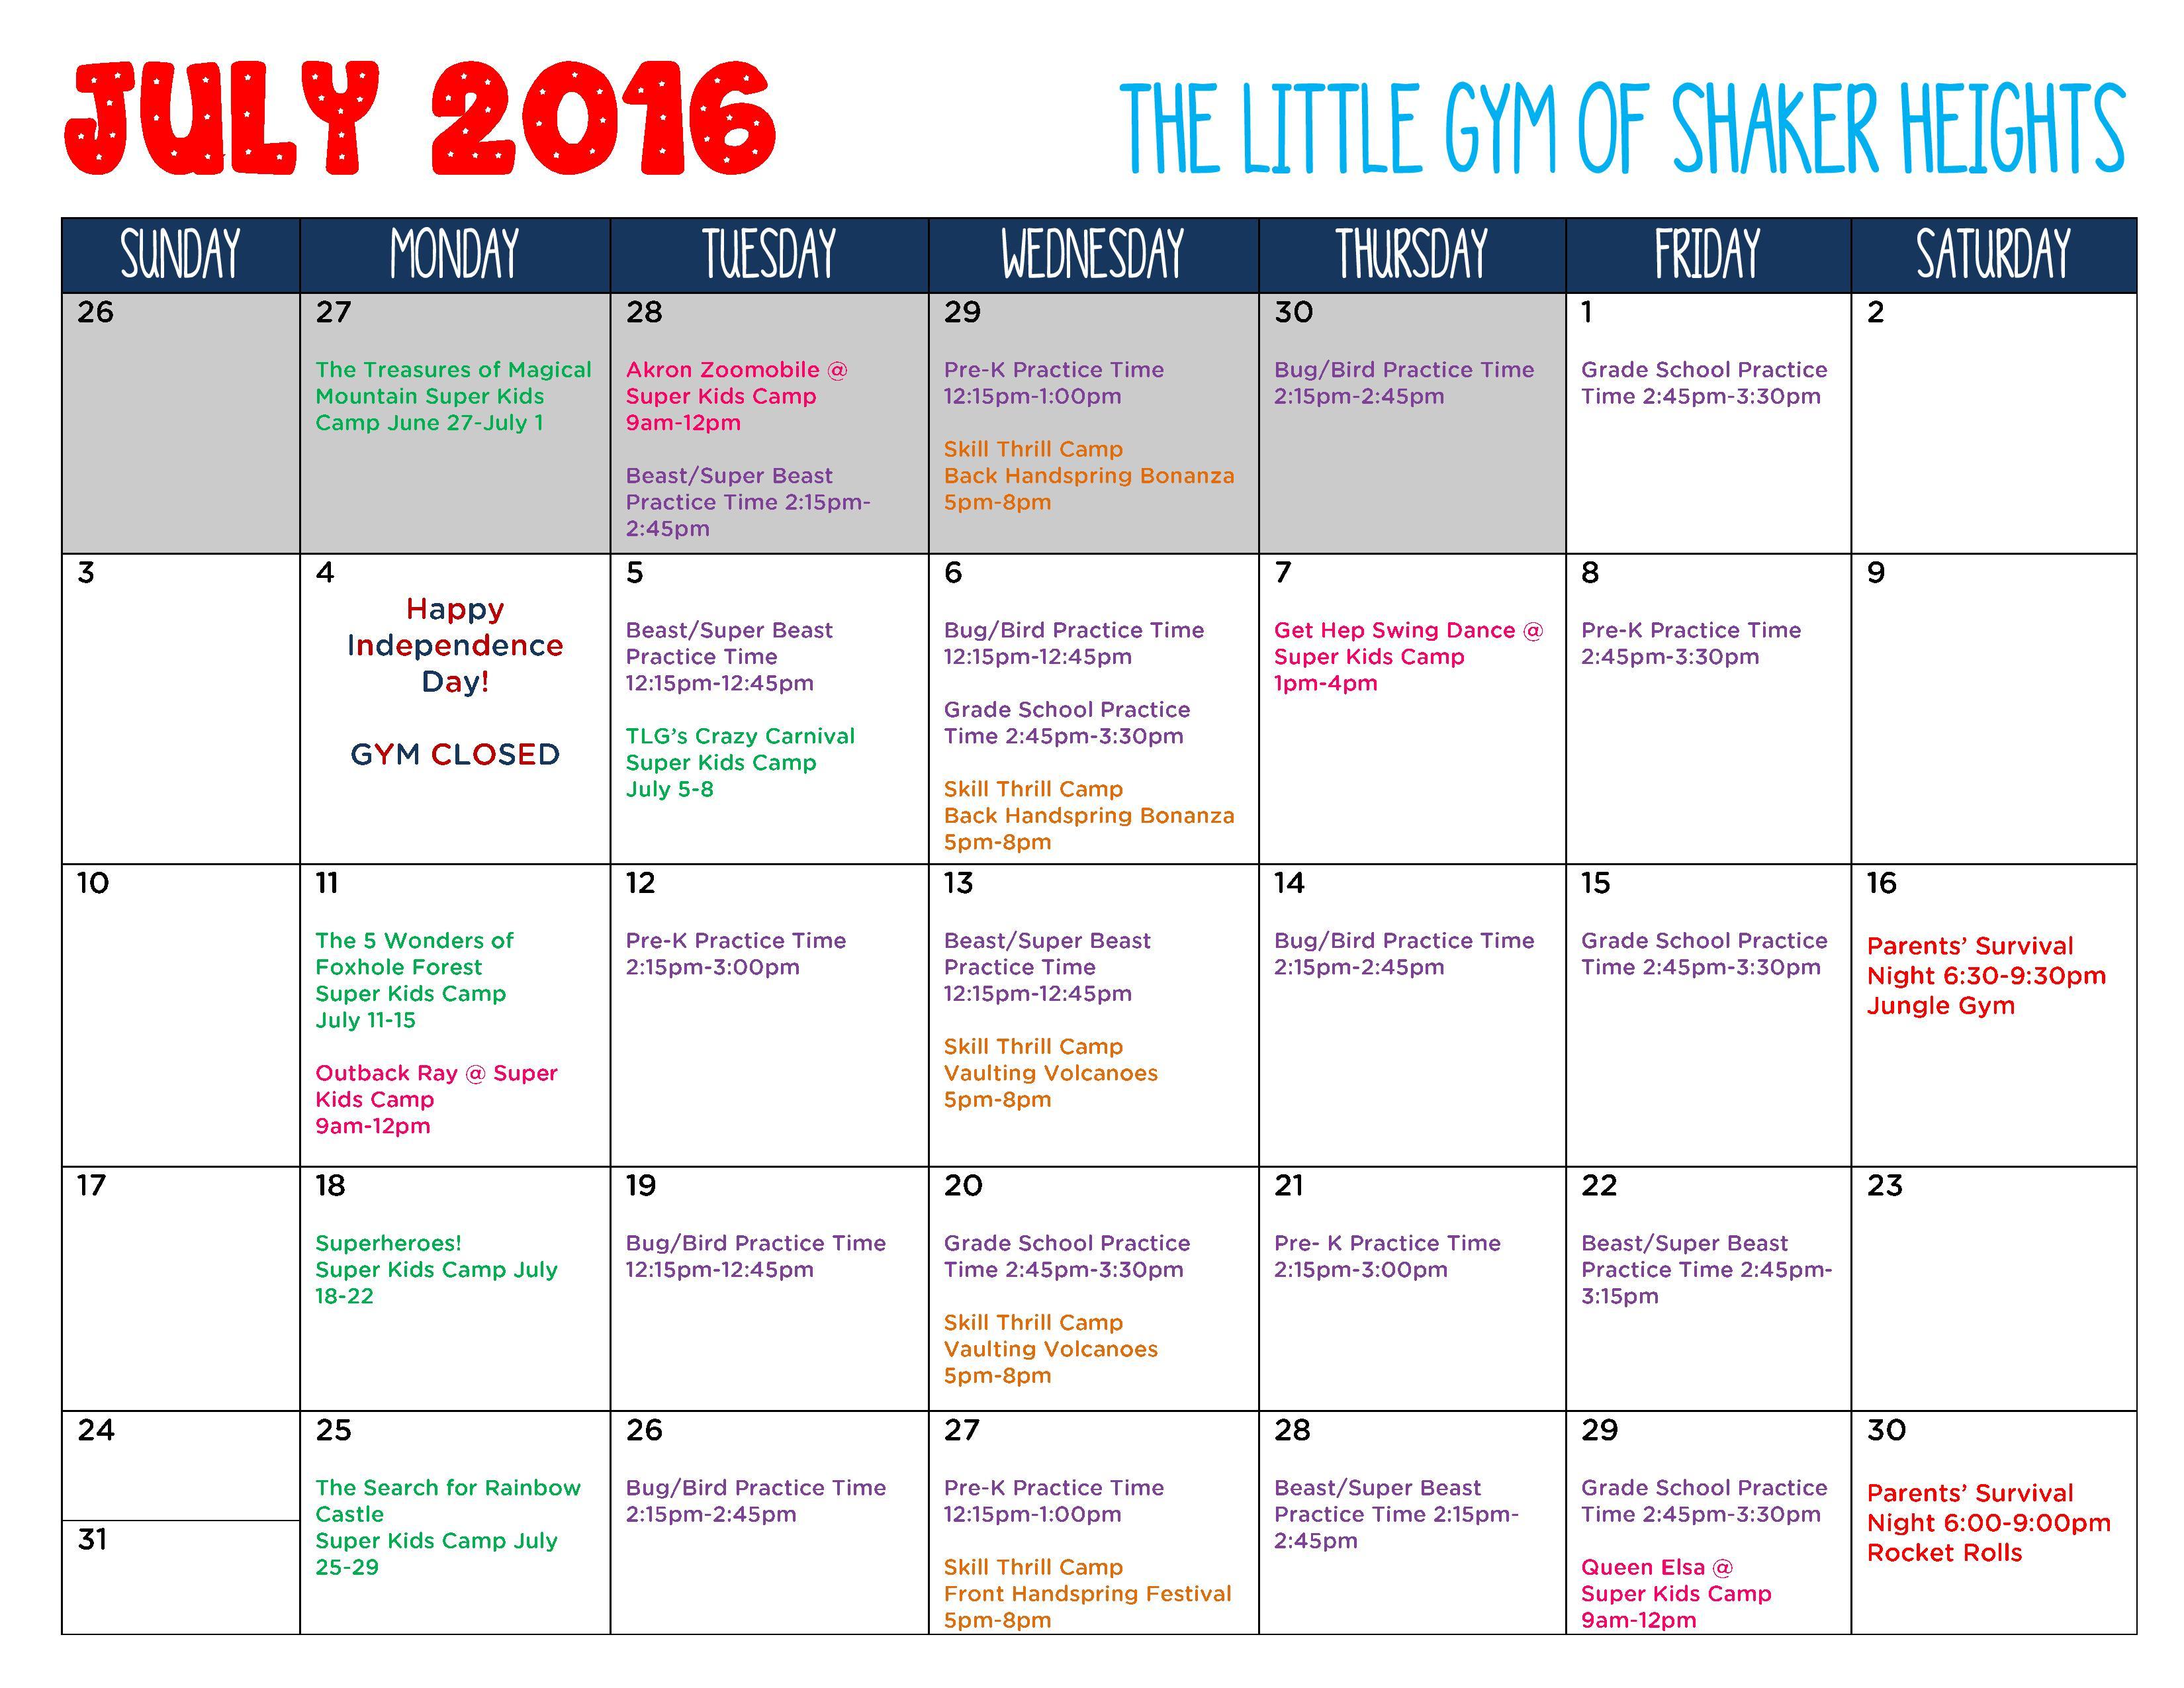 July 2016 Gym Calendar